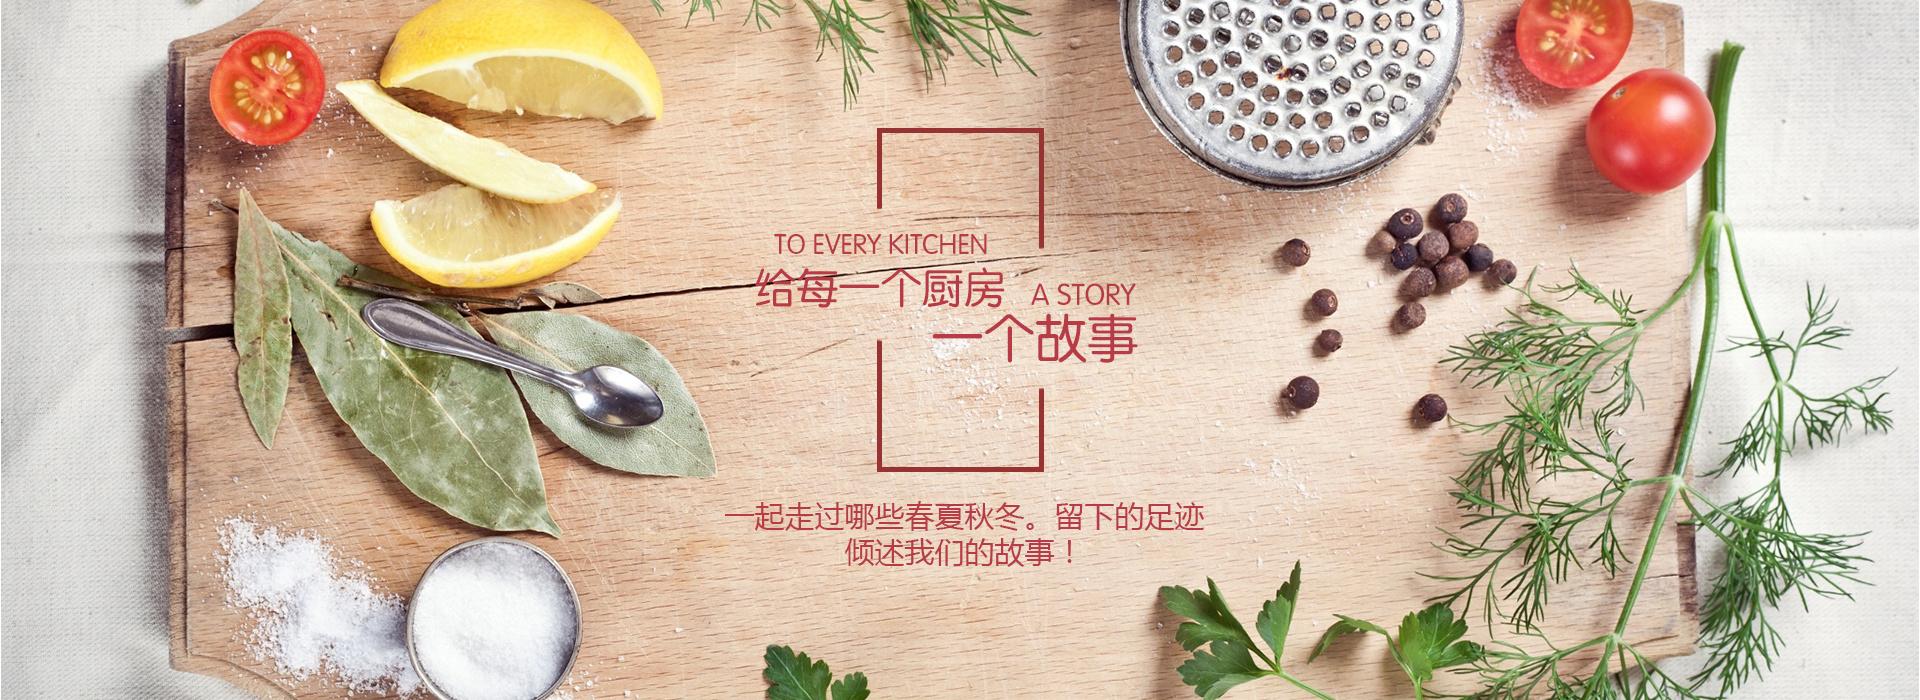 淘宝电商,食品类banner,调料,厨房